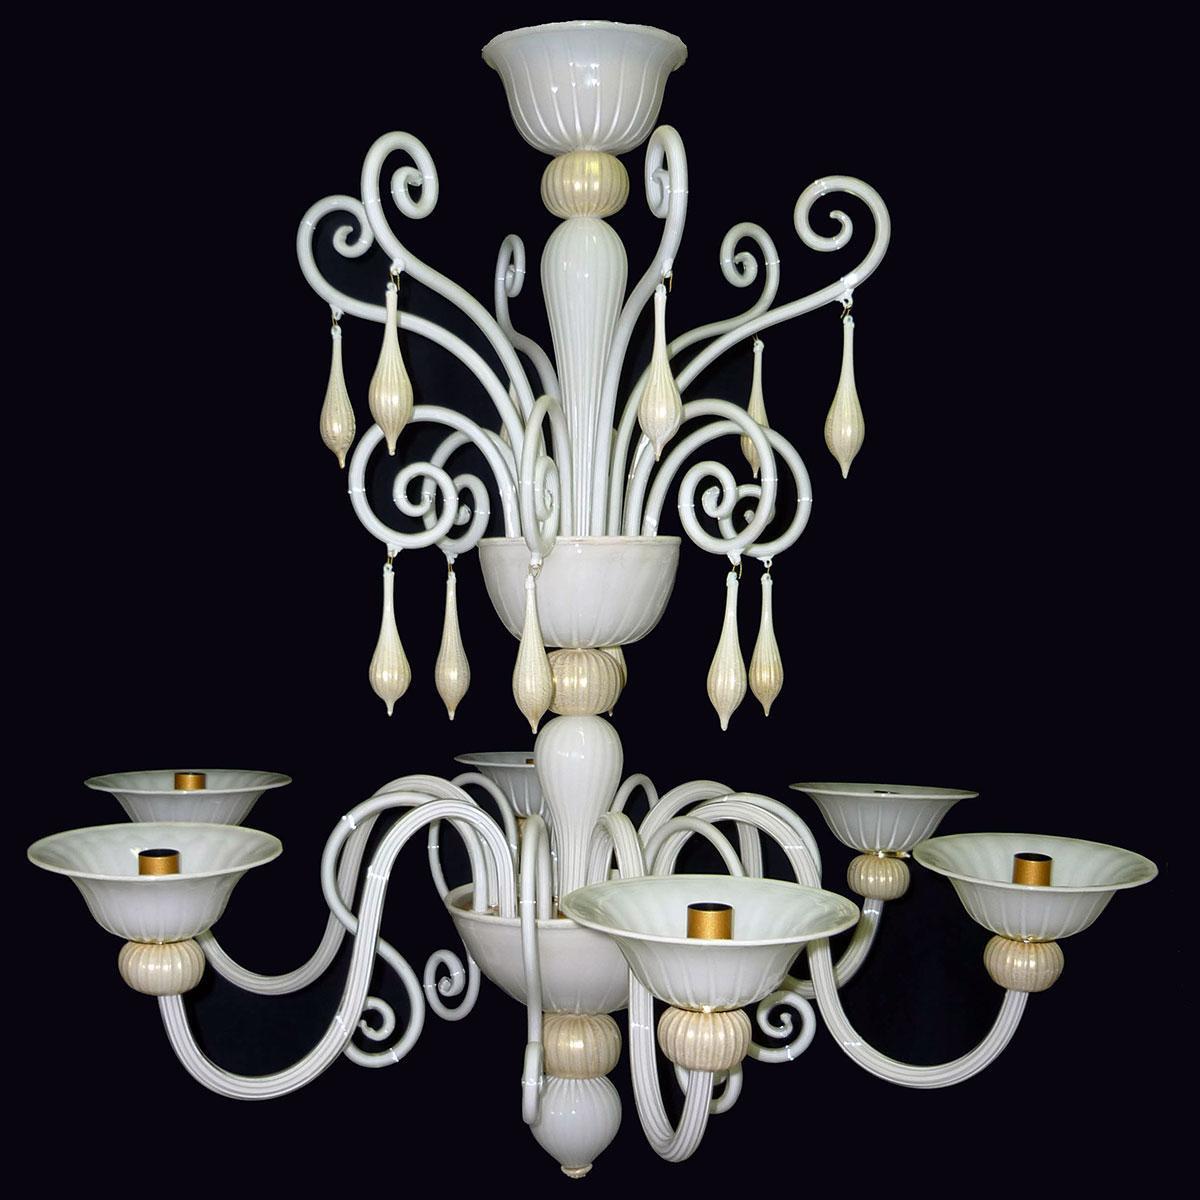 """""""Riccio Bianco"""" lampara de araña de Murano - 6 luces"""